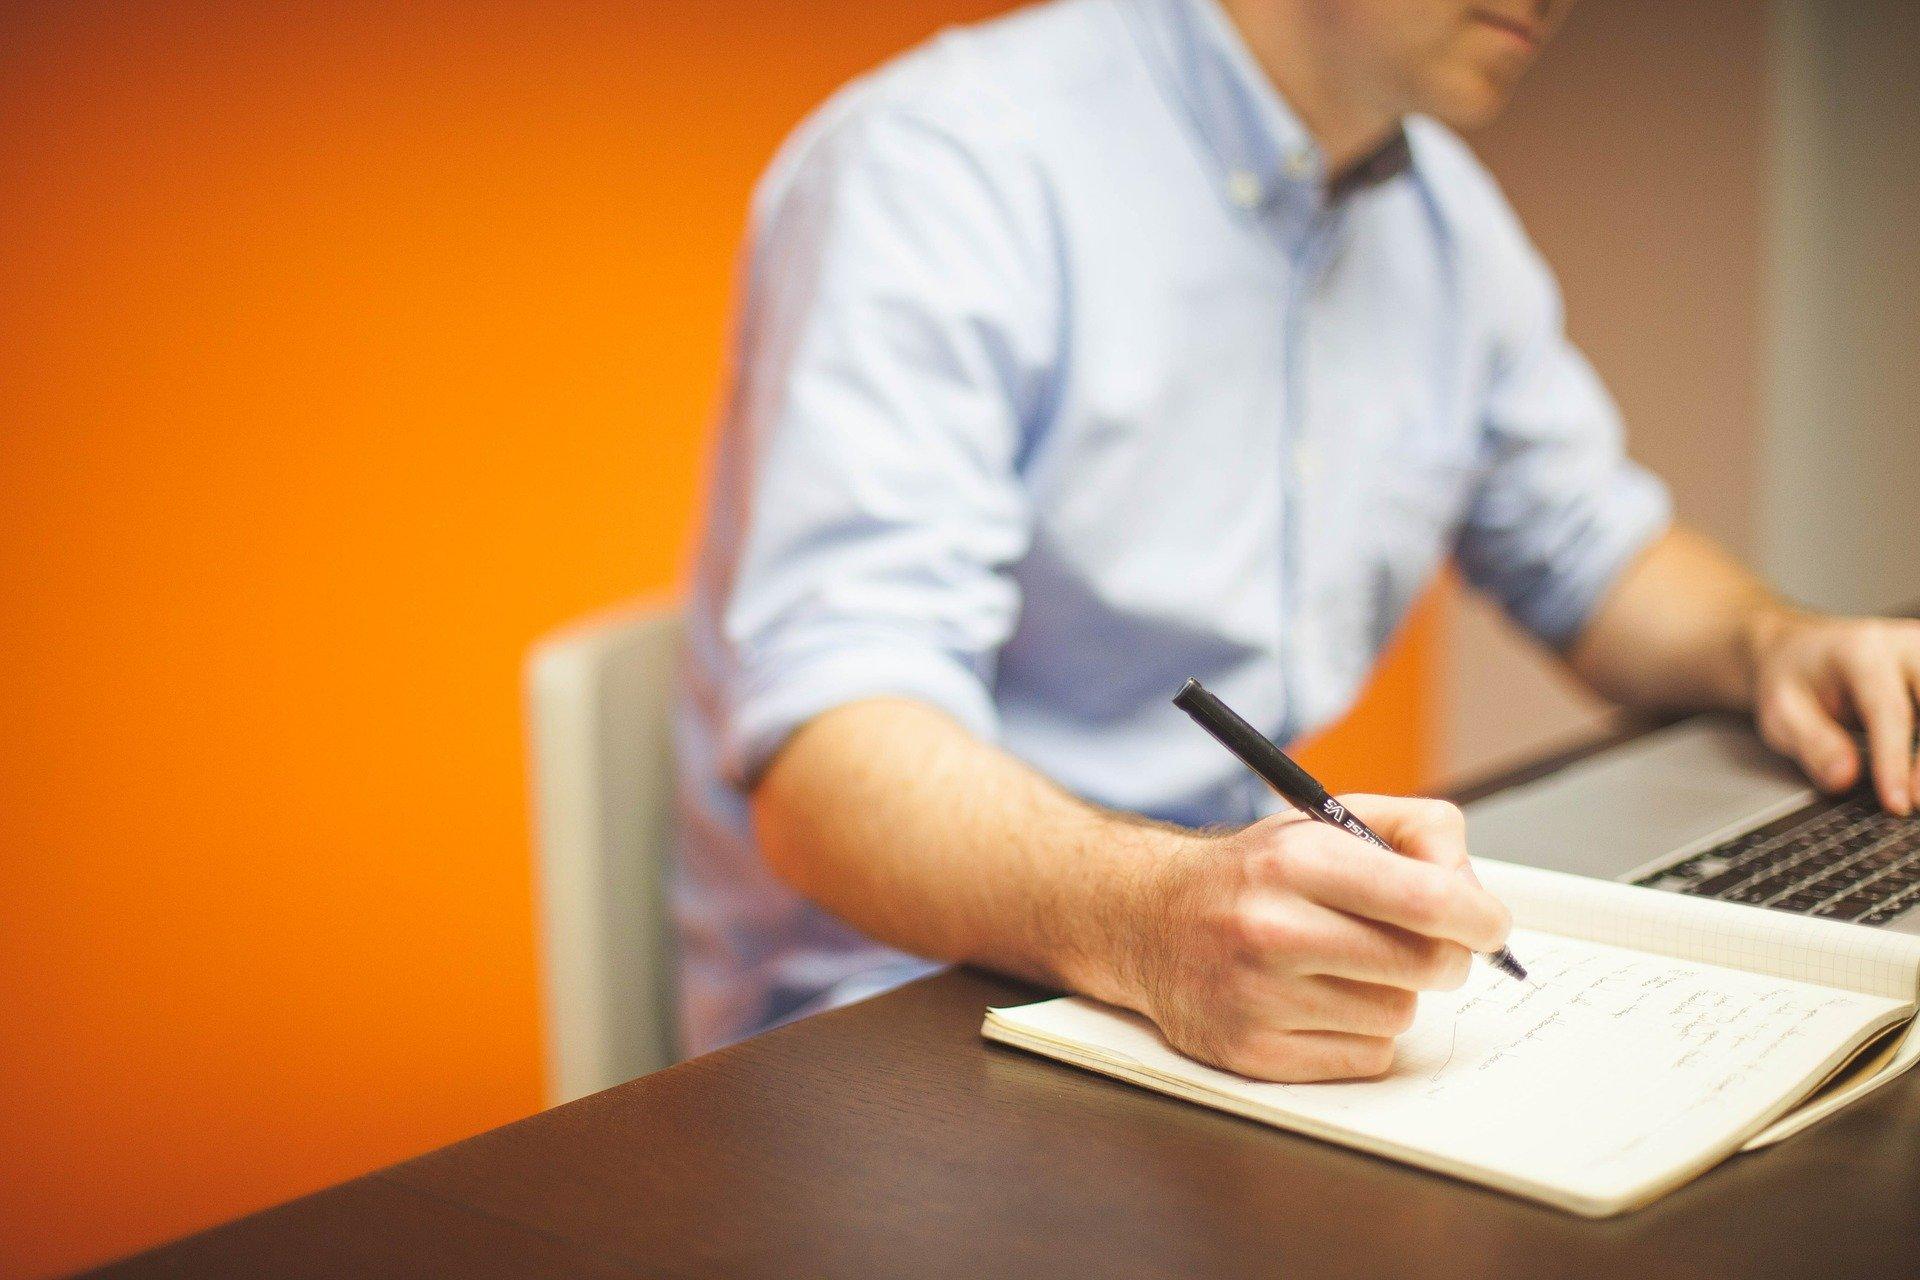 Mann lektoriert Text und macht Notizen